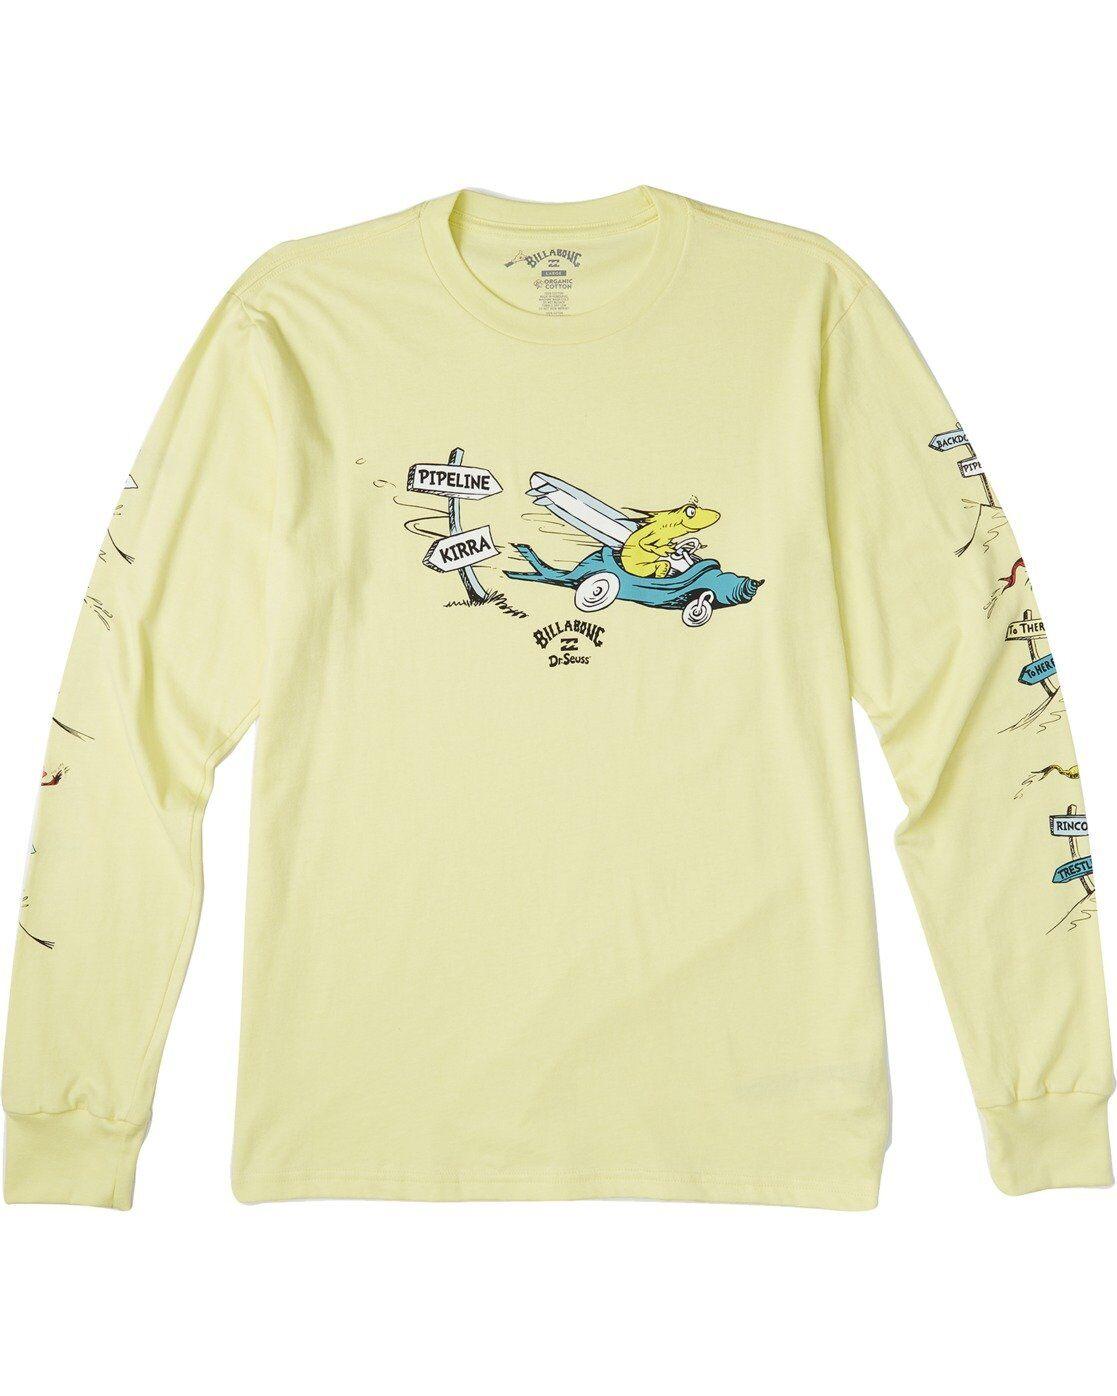 Billabong Boys' (2-7) Little Car Long Sleeve T-Shirt  - Yellow - Size: Large